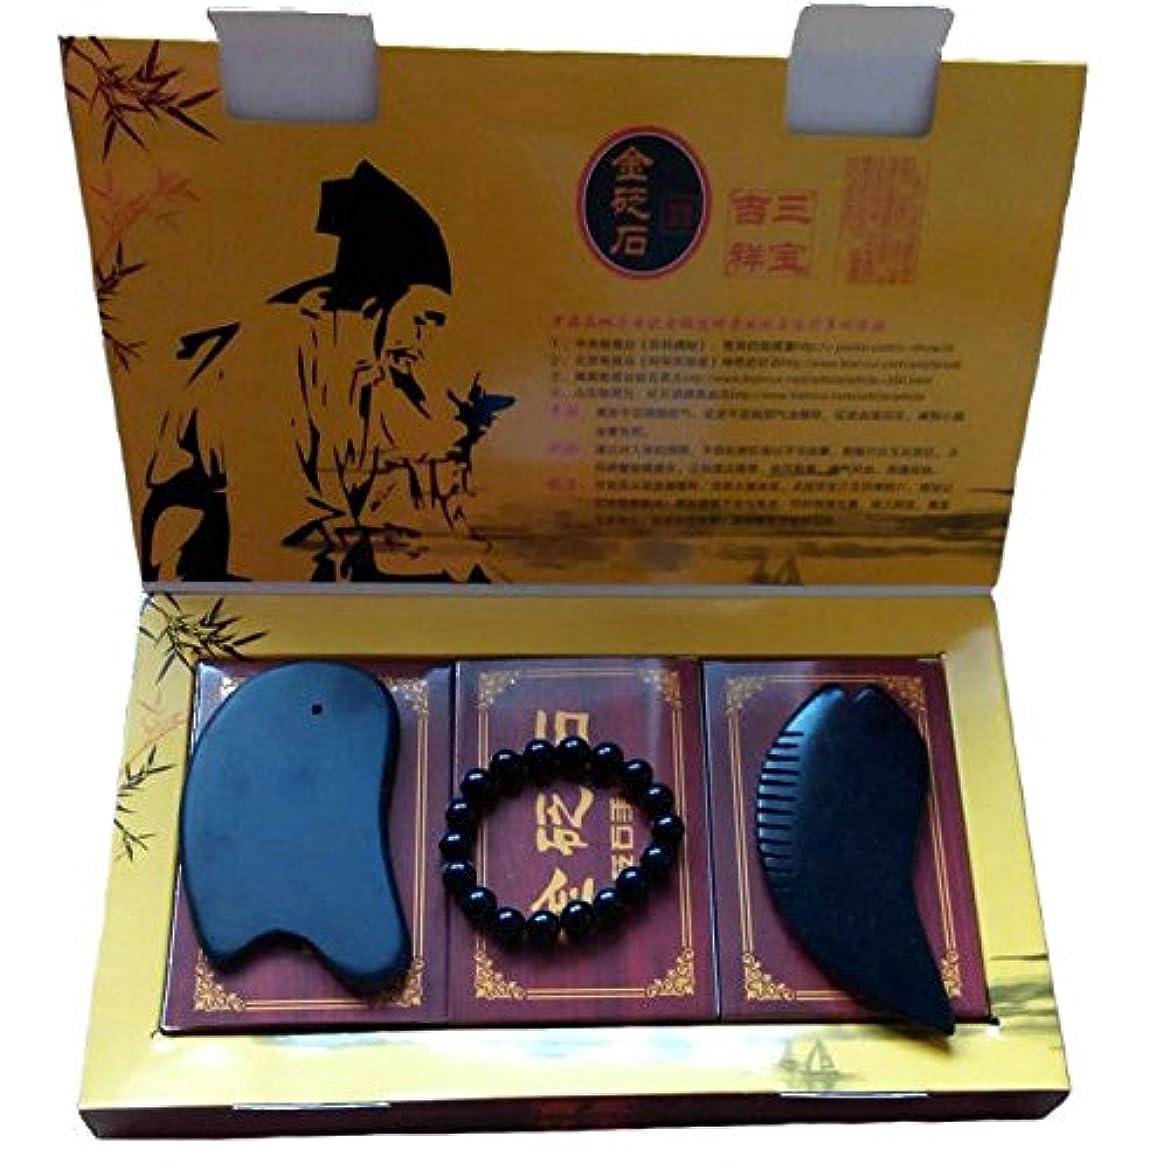 はさみ明日摘む3pcs Bian Stone massage tools 3点セット天然石 マッサージ棒 足つぼ?手のひら かっさ あんま棒 泗濱ベン石(泗濱浮石)